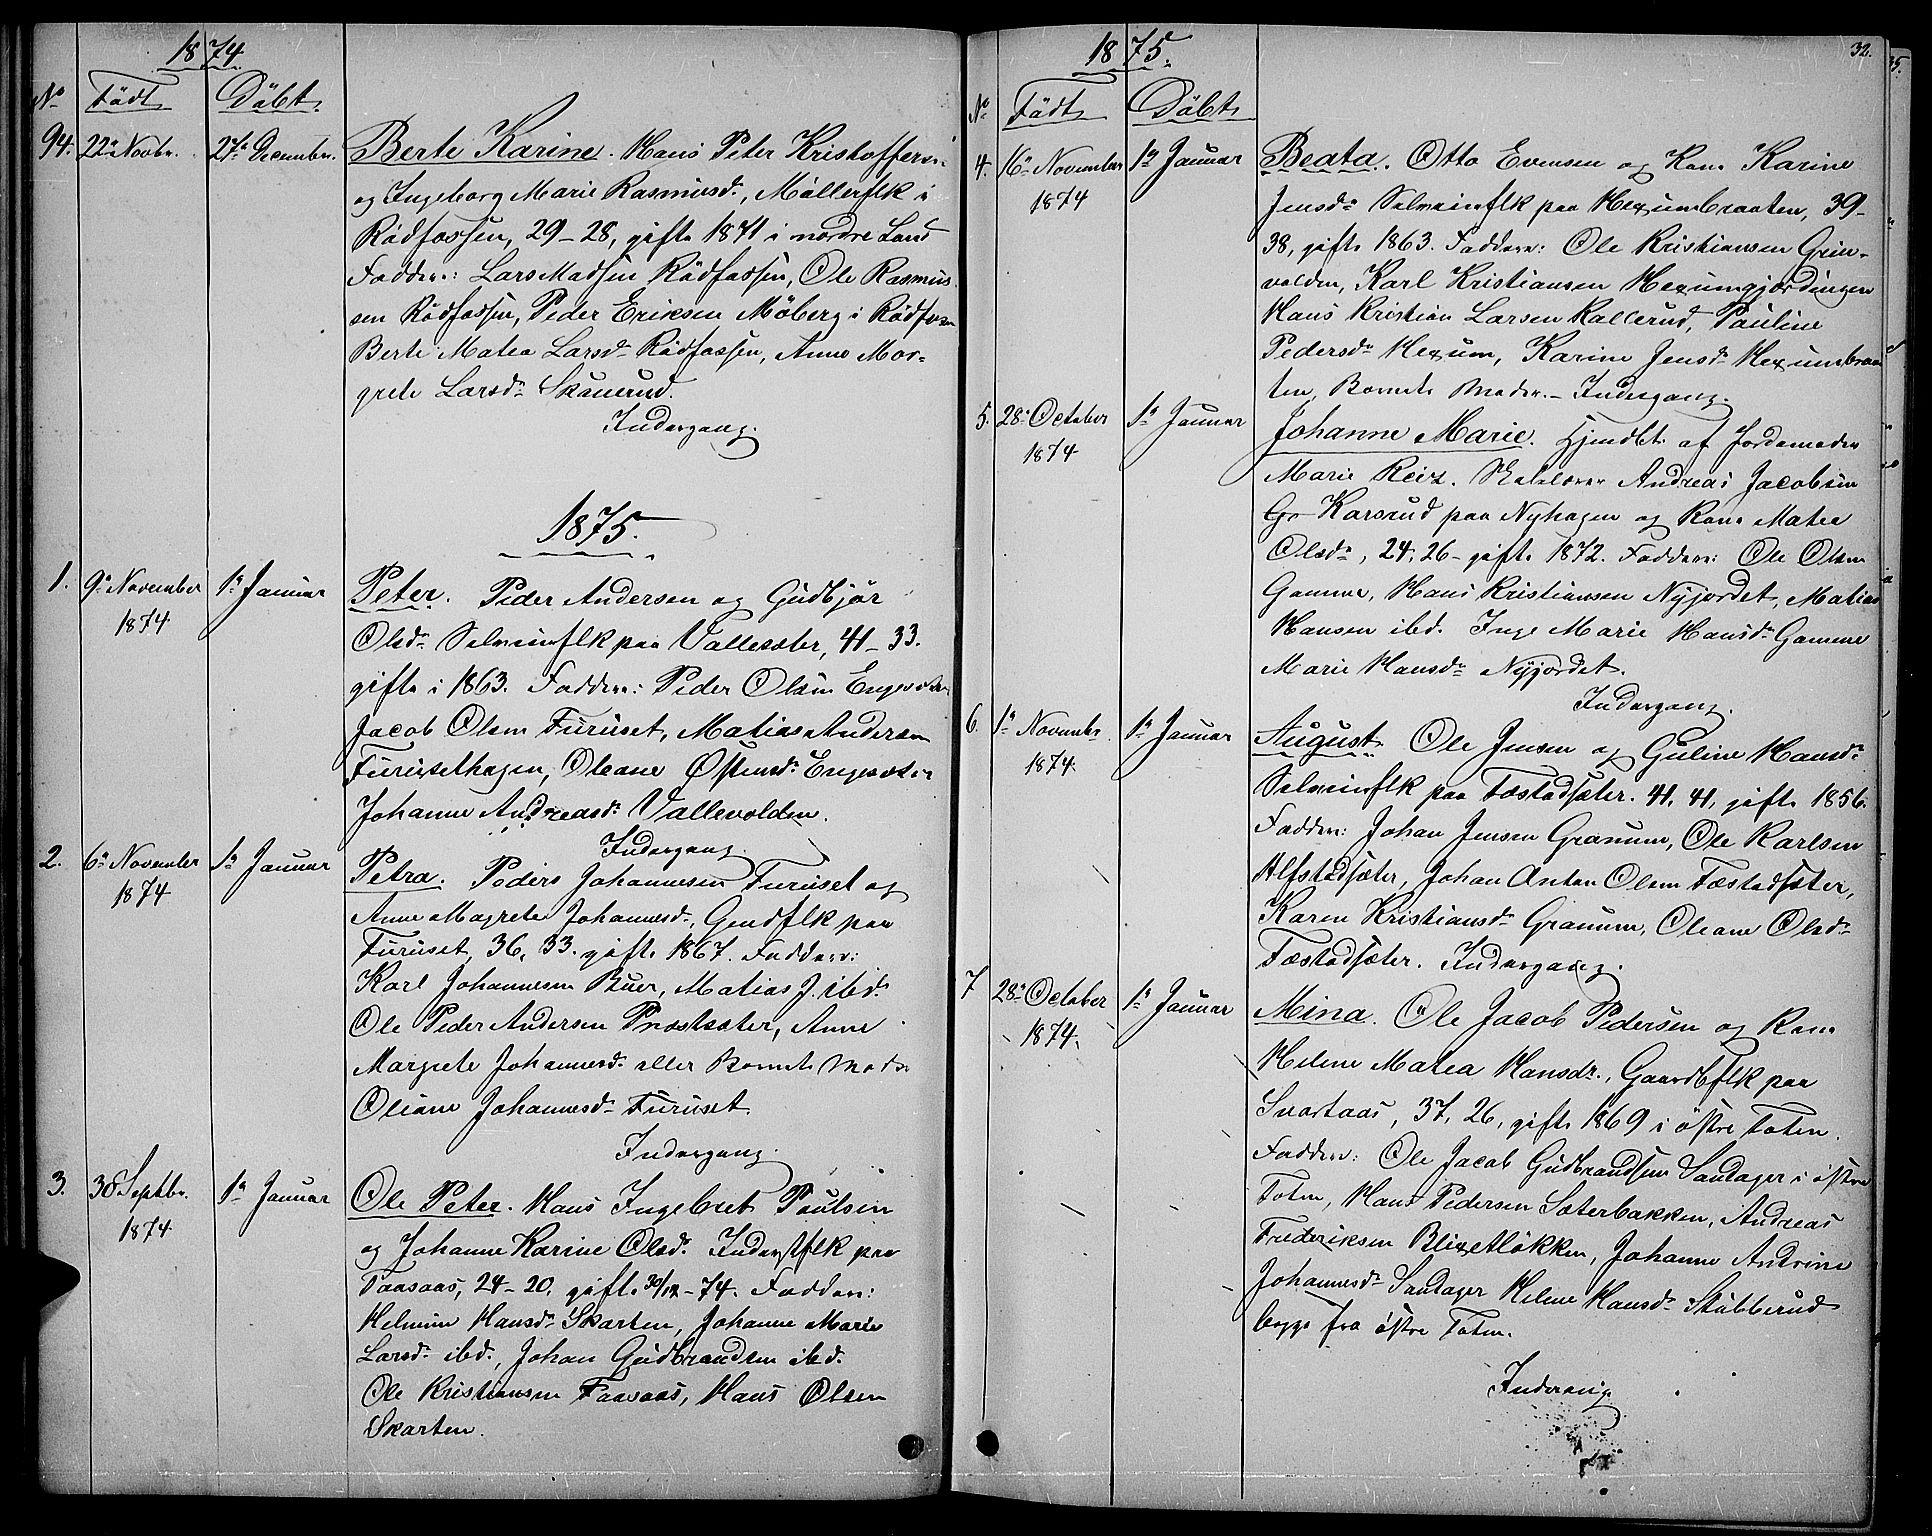 SAH, Vestre Toten prestekontor, Klokkerbok nr. 6, 1870-1887, s. 32